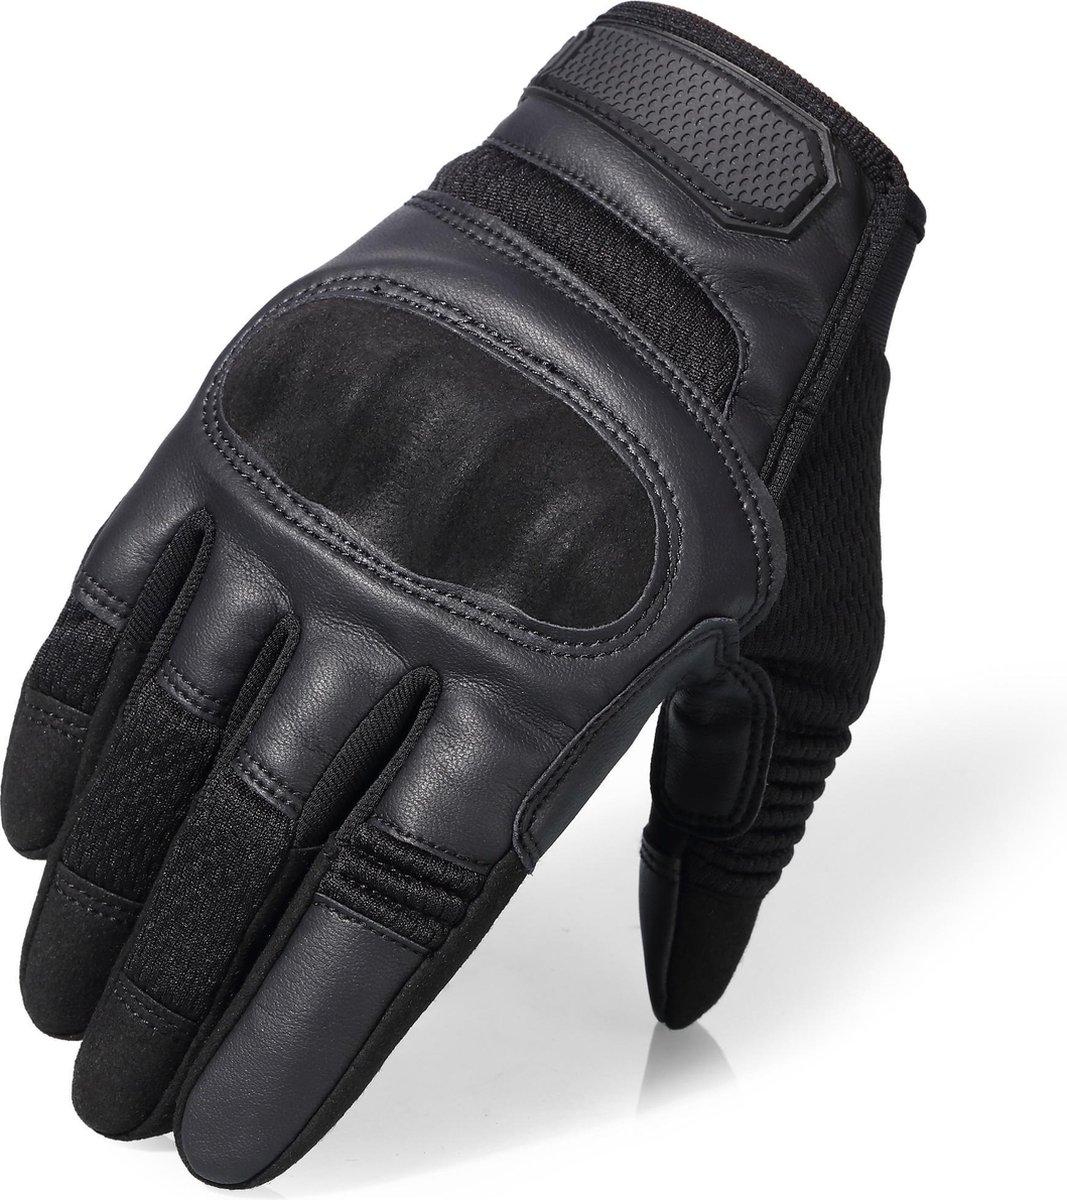 Ademende Motorhandschoenen - Zwart - PU Leer - Handschoenen Motor - Maat L - Touchscreen - Beschermi